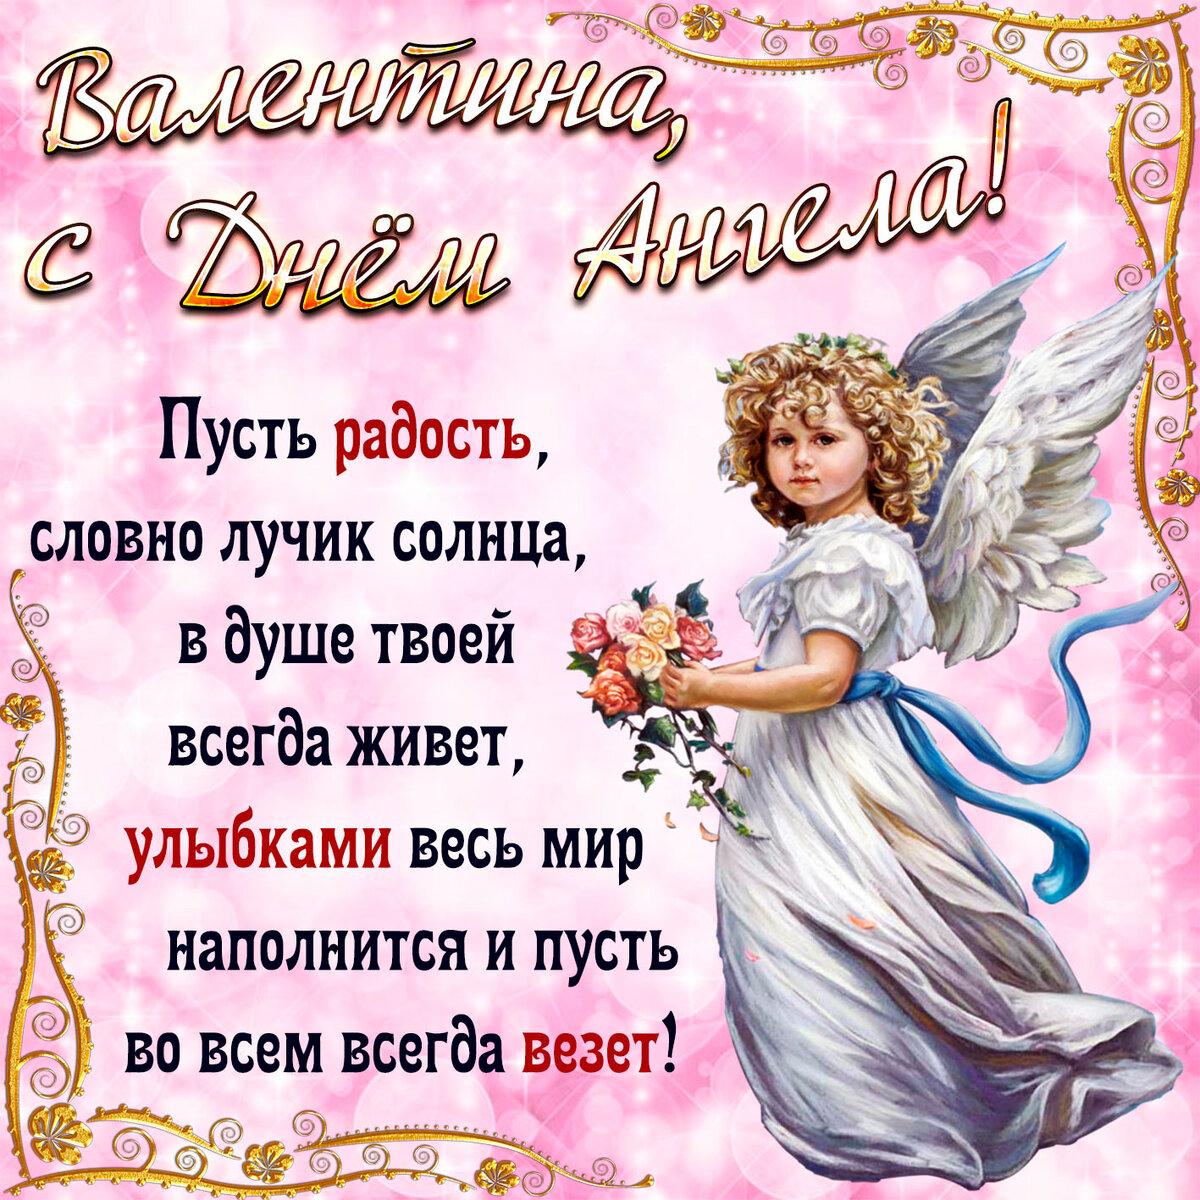 Картинки гифки с днем ангела елена